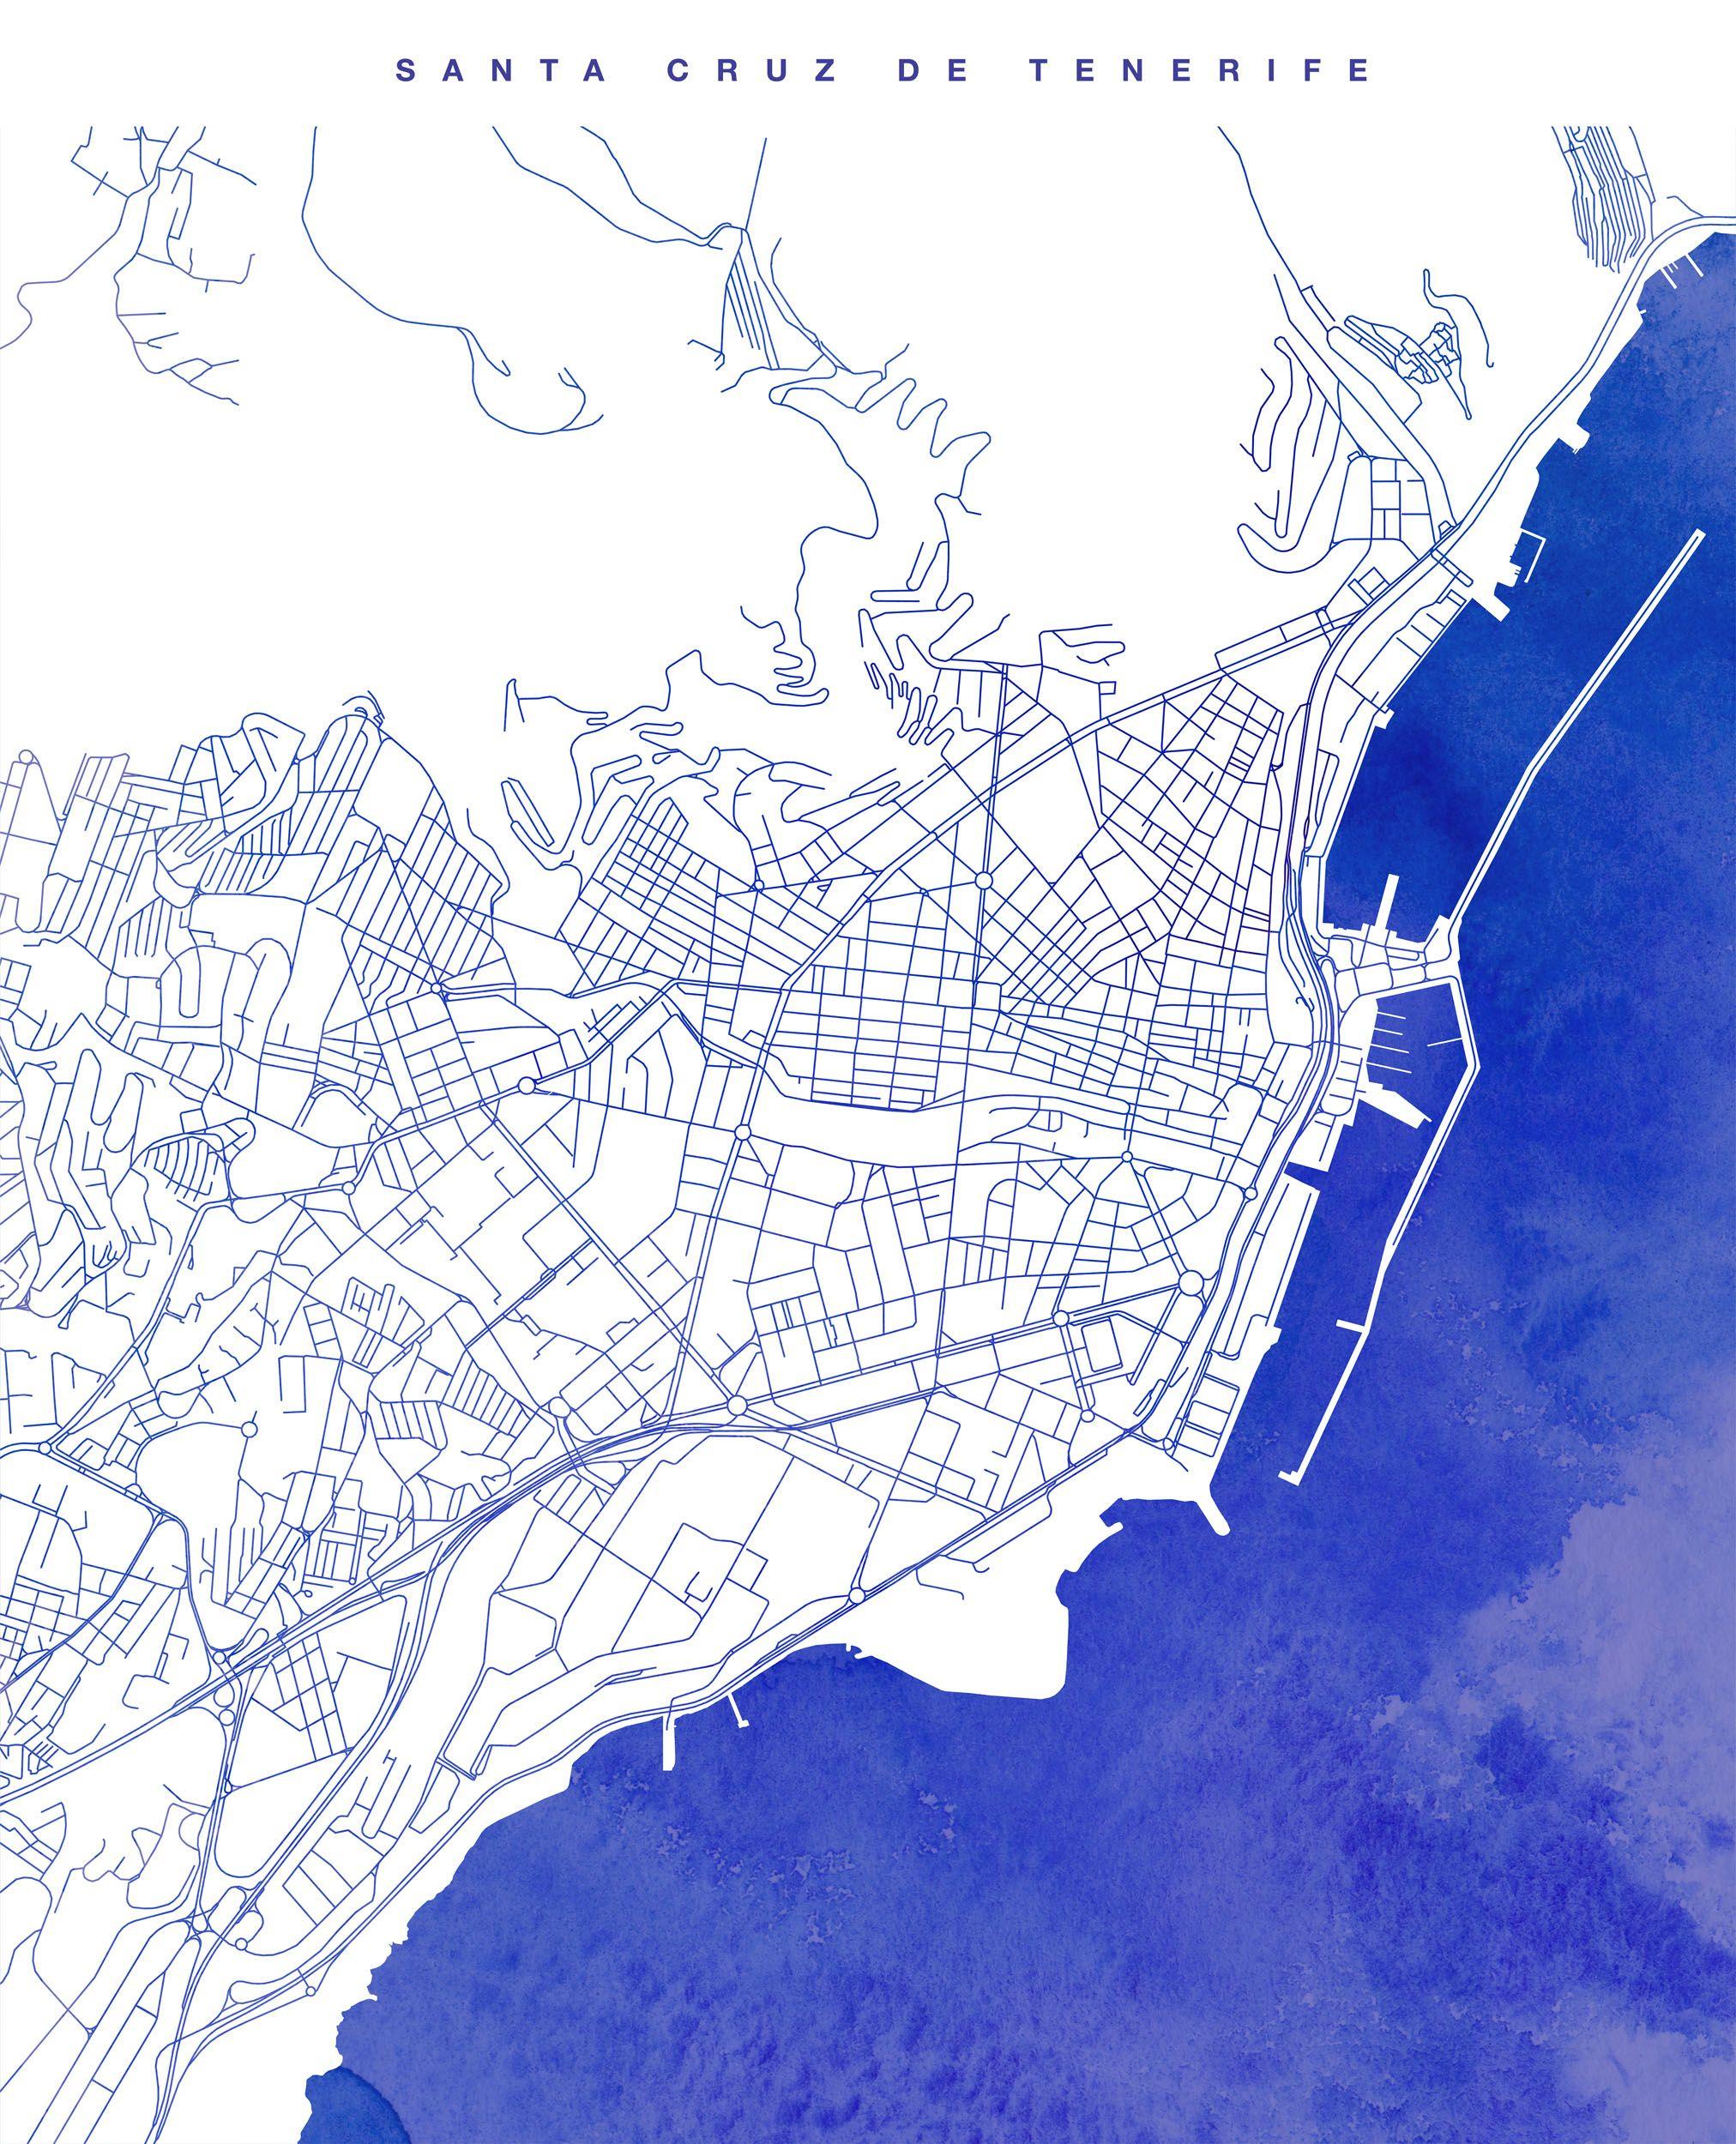 Mapa De Santa Cruz De Tenerife Canary Islands Islas Canarias Tenerife Islas